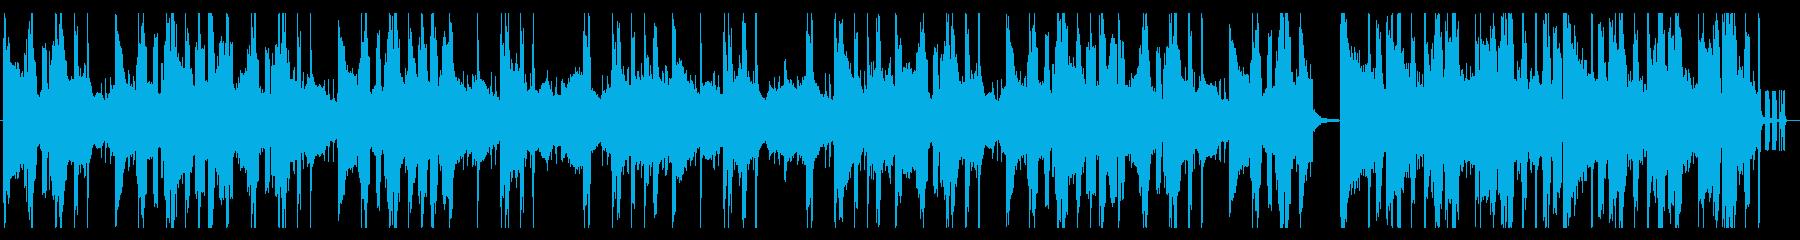 気だるいヒップホップ_No401_2の再生済みの波形